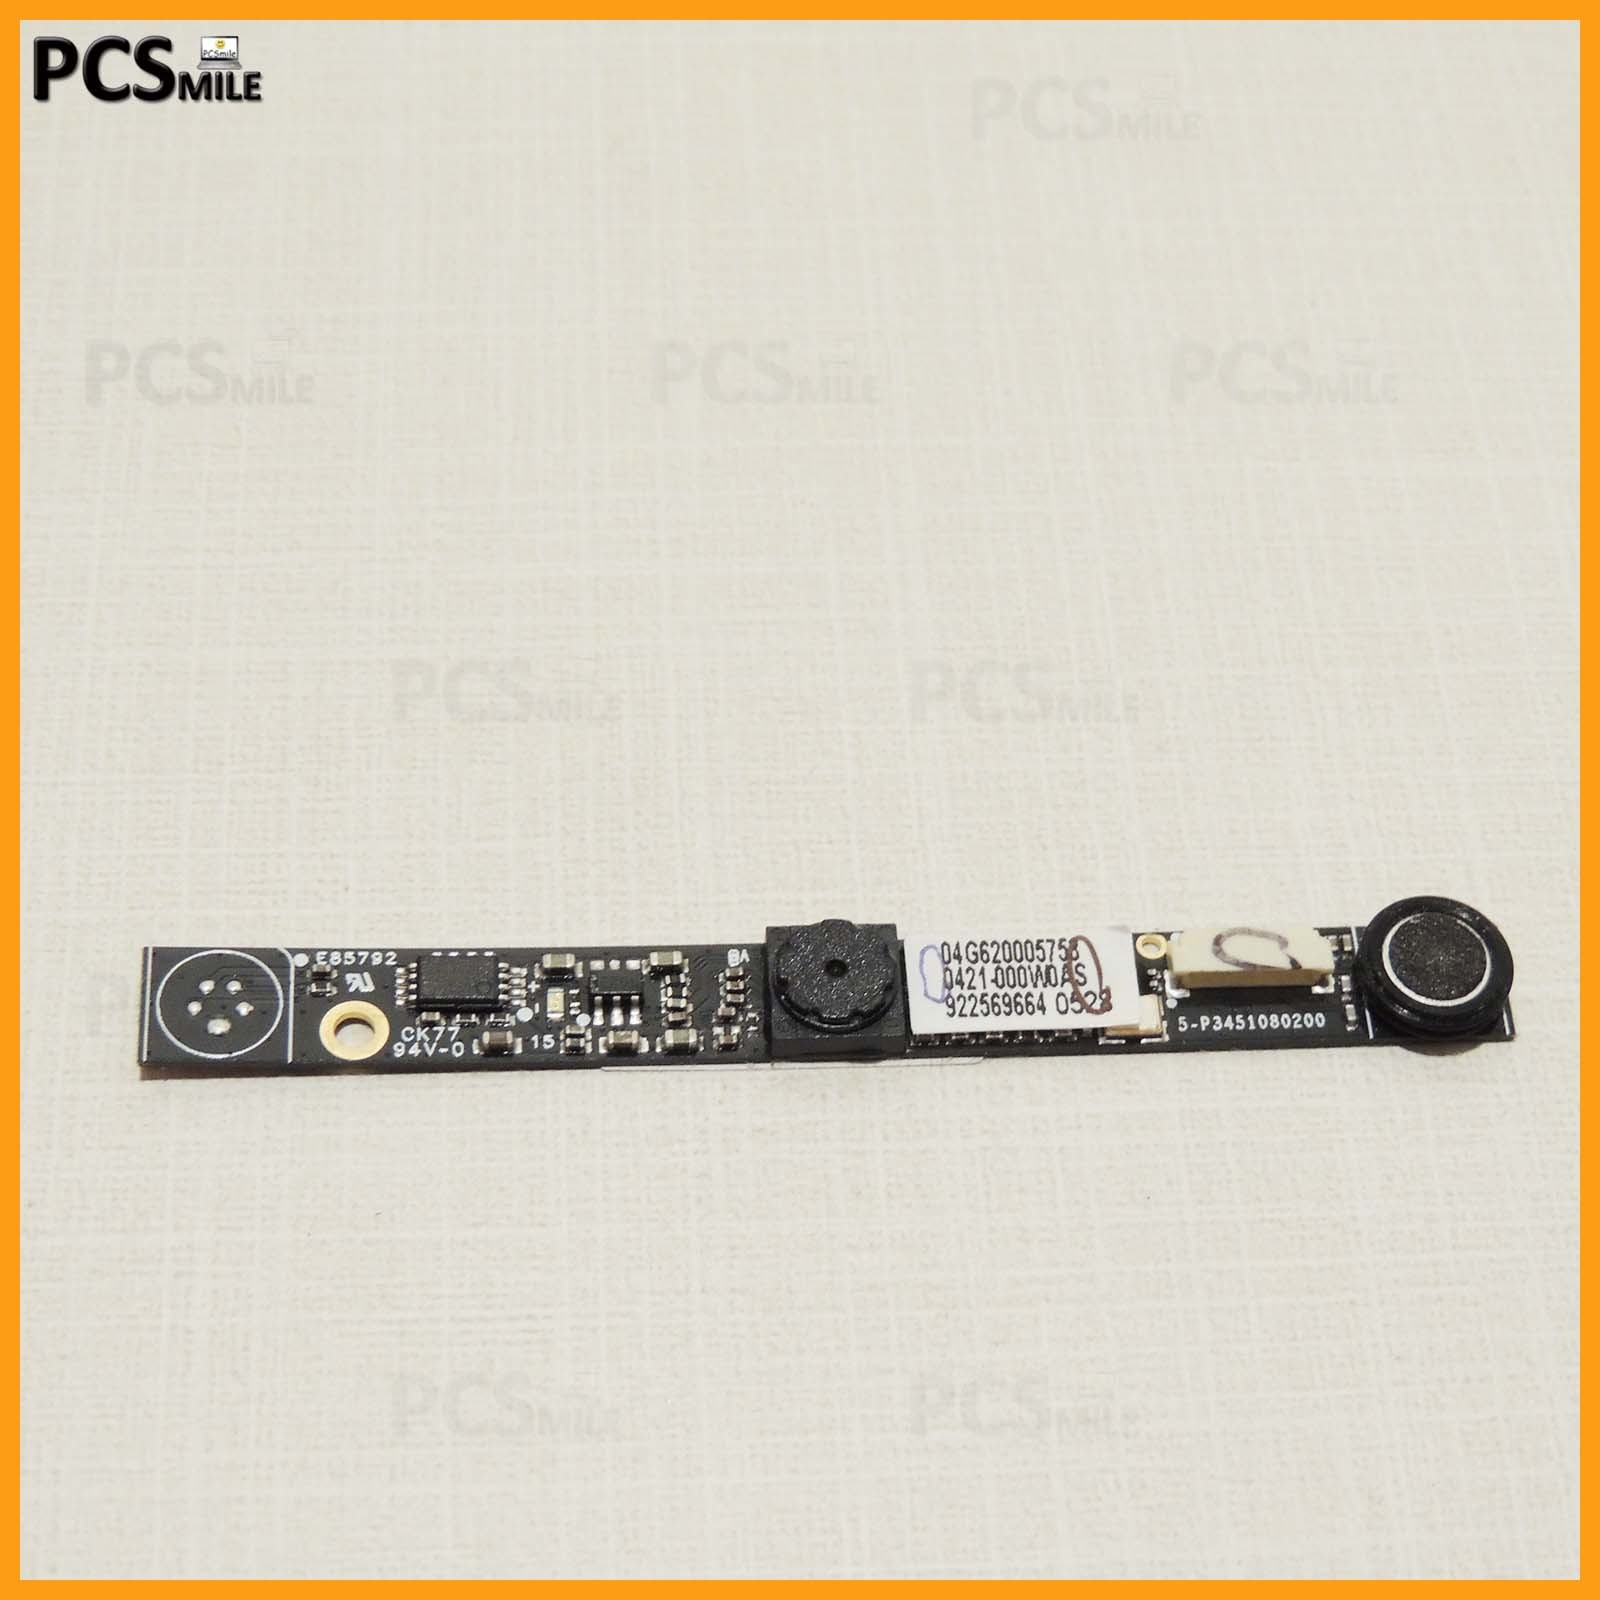 Webcam Asus Eee PC 1005HA S-P3451080200 0421-000w0as922569664